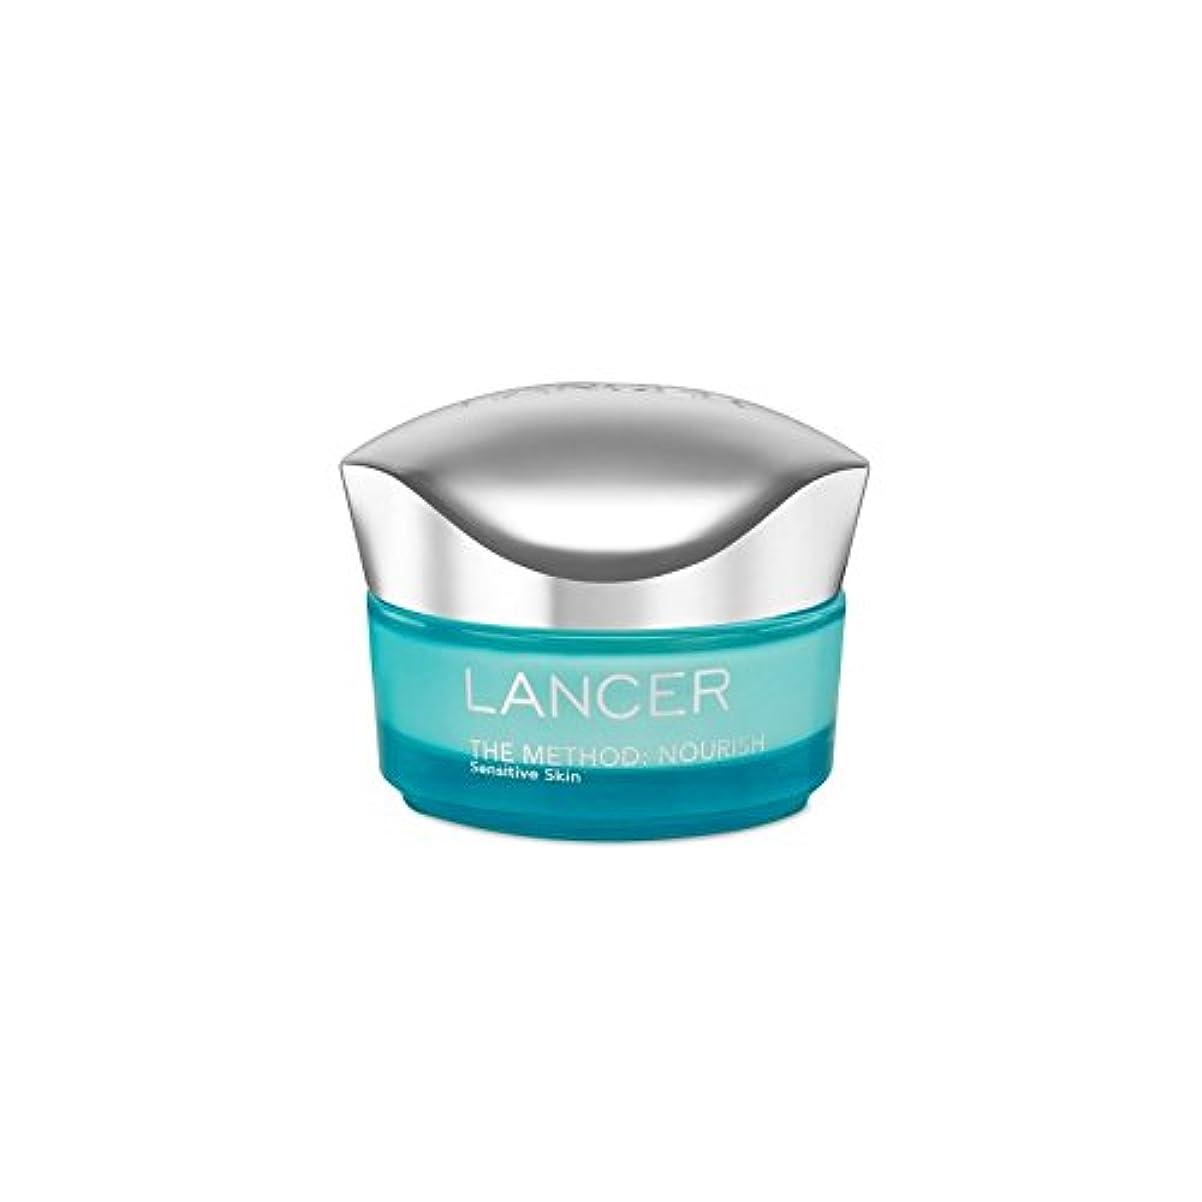 バクテリア何線形Lancer Skincare The Method: Nourish Moisturiser Sensitive Skin (50ml) - ランサーは、この方法をスキンケア:保湿敏感肌(50)に栄養を与えます [並行輸入品]